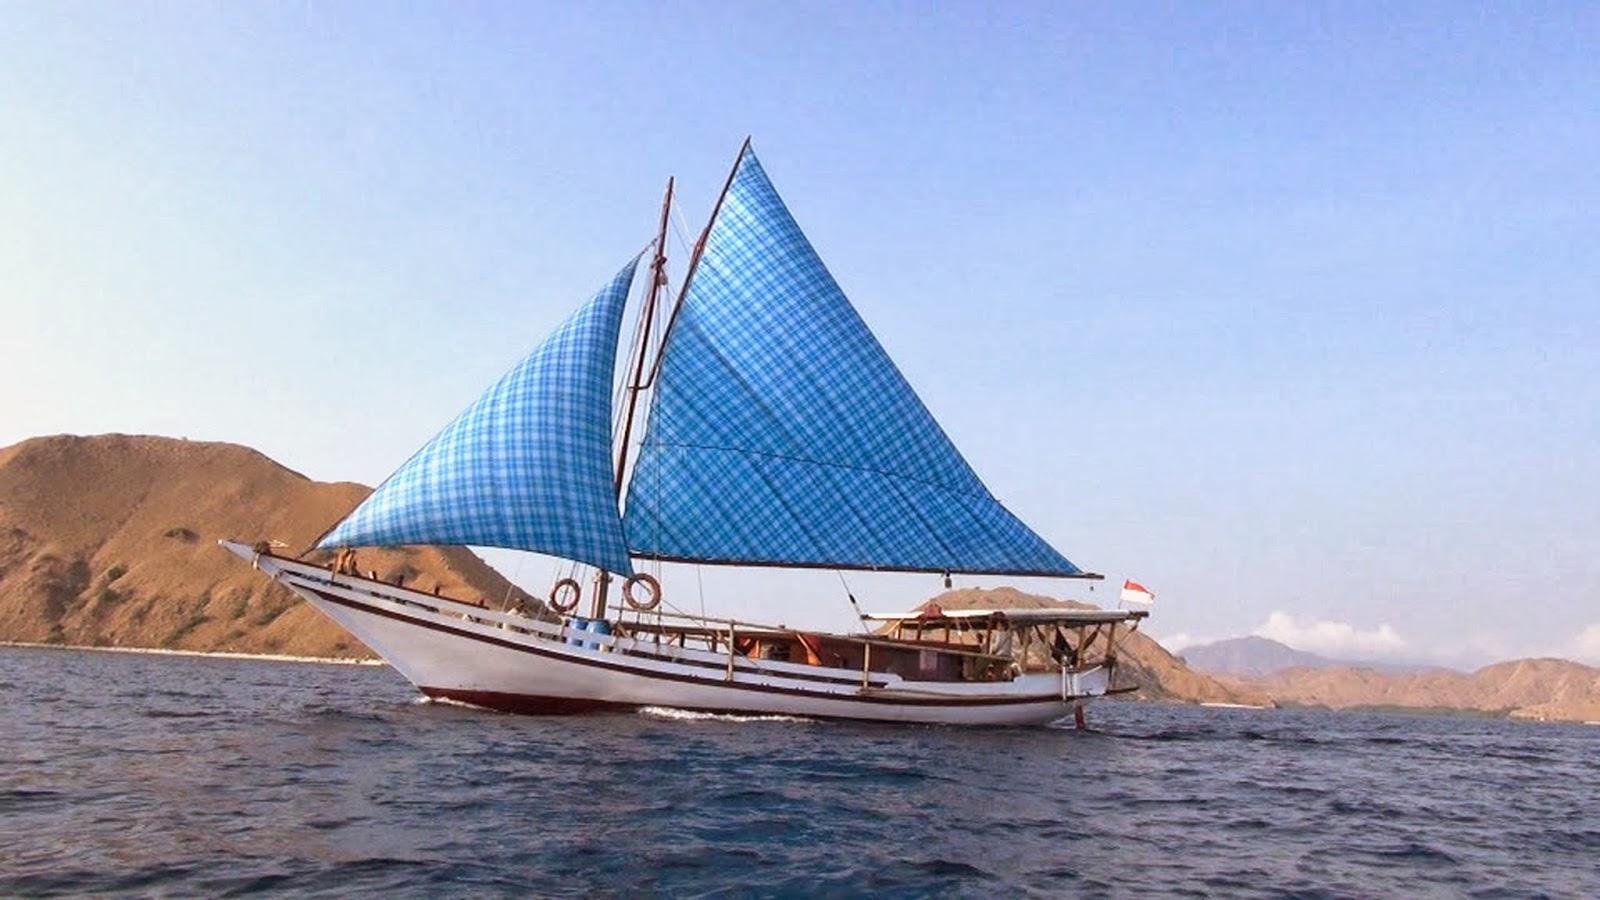 Croisière Plongée en Apnée à bord de Zirbad (voilier traditionnel) en Indonésie - www.piratesbaycroisiere.fr